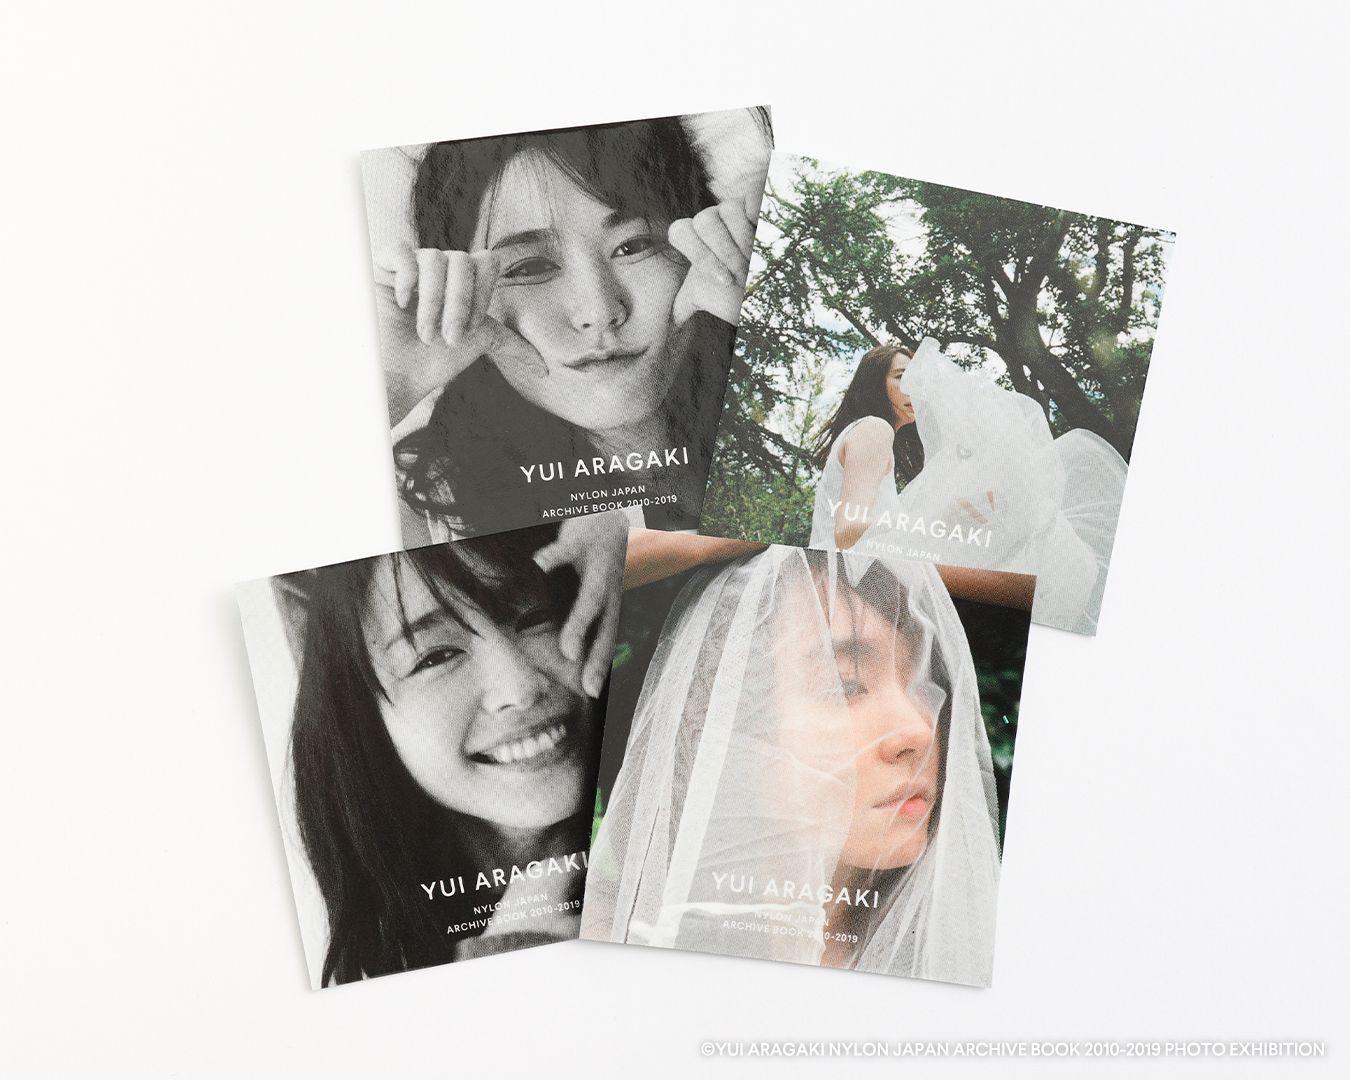 ノベルティ(抽選/入場者特典) (C)YUI ARAGAKI NYLON JAPAN ARCHIVE BOOK 2010-2019 PHOTO EXHIBITION